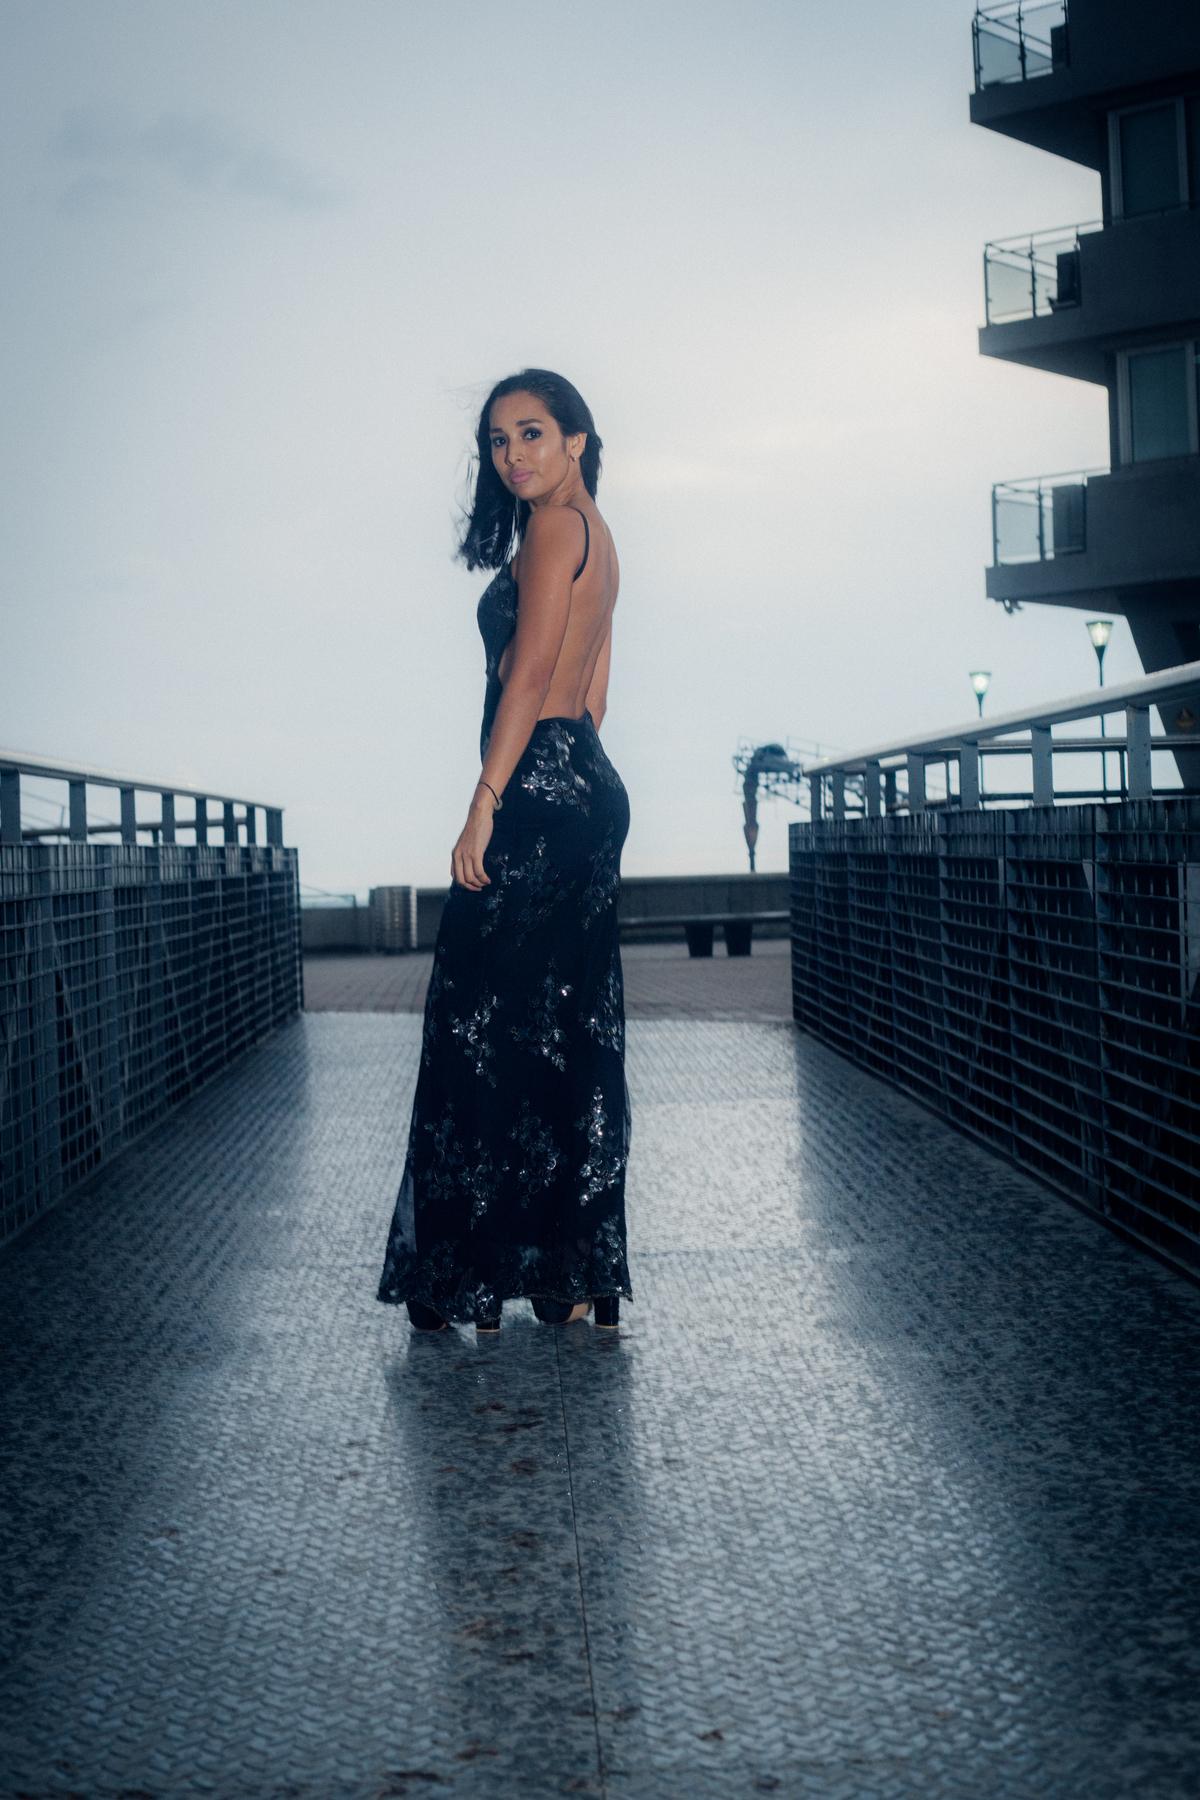 fotografia de moda vestido de noche luego de una tormenta en rosario https://www.dnxfotografia.com.ar/contato